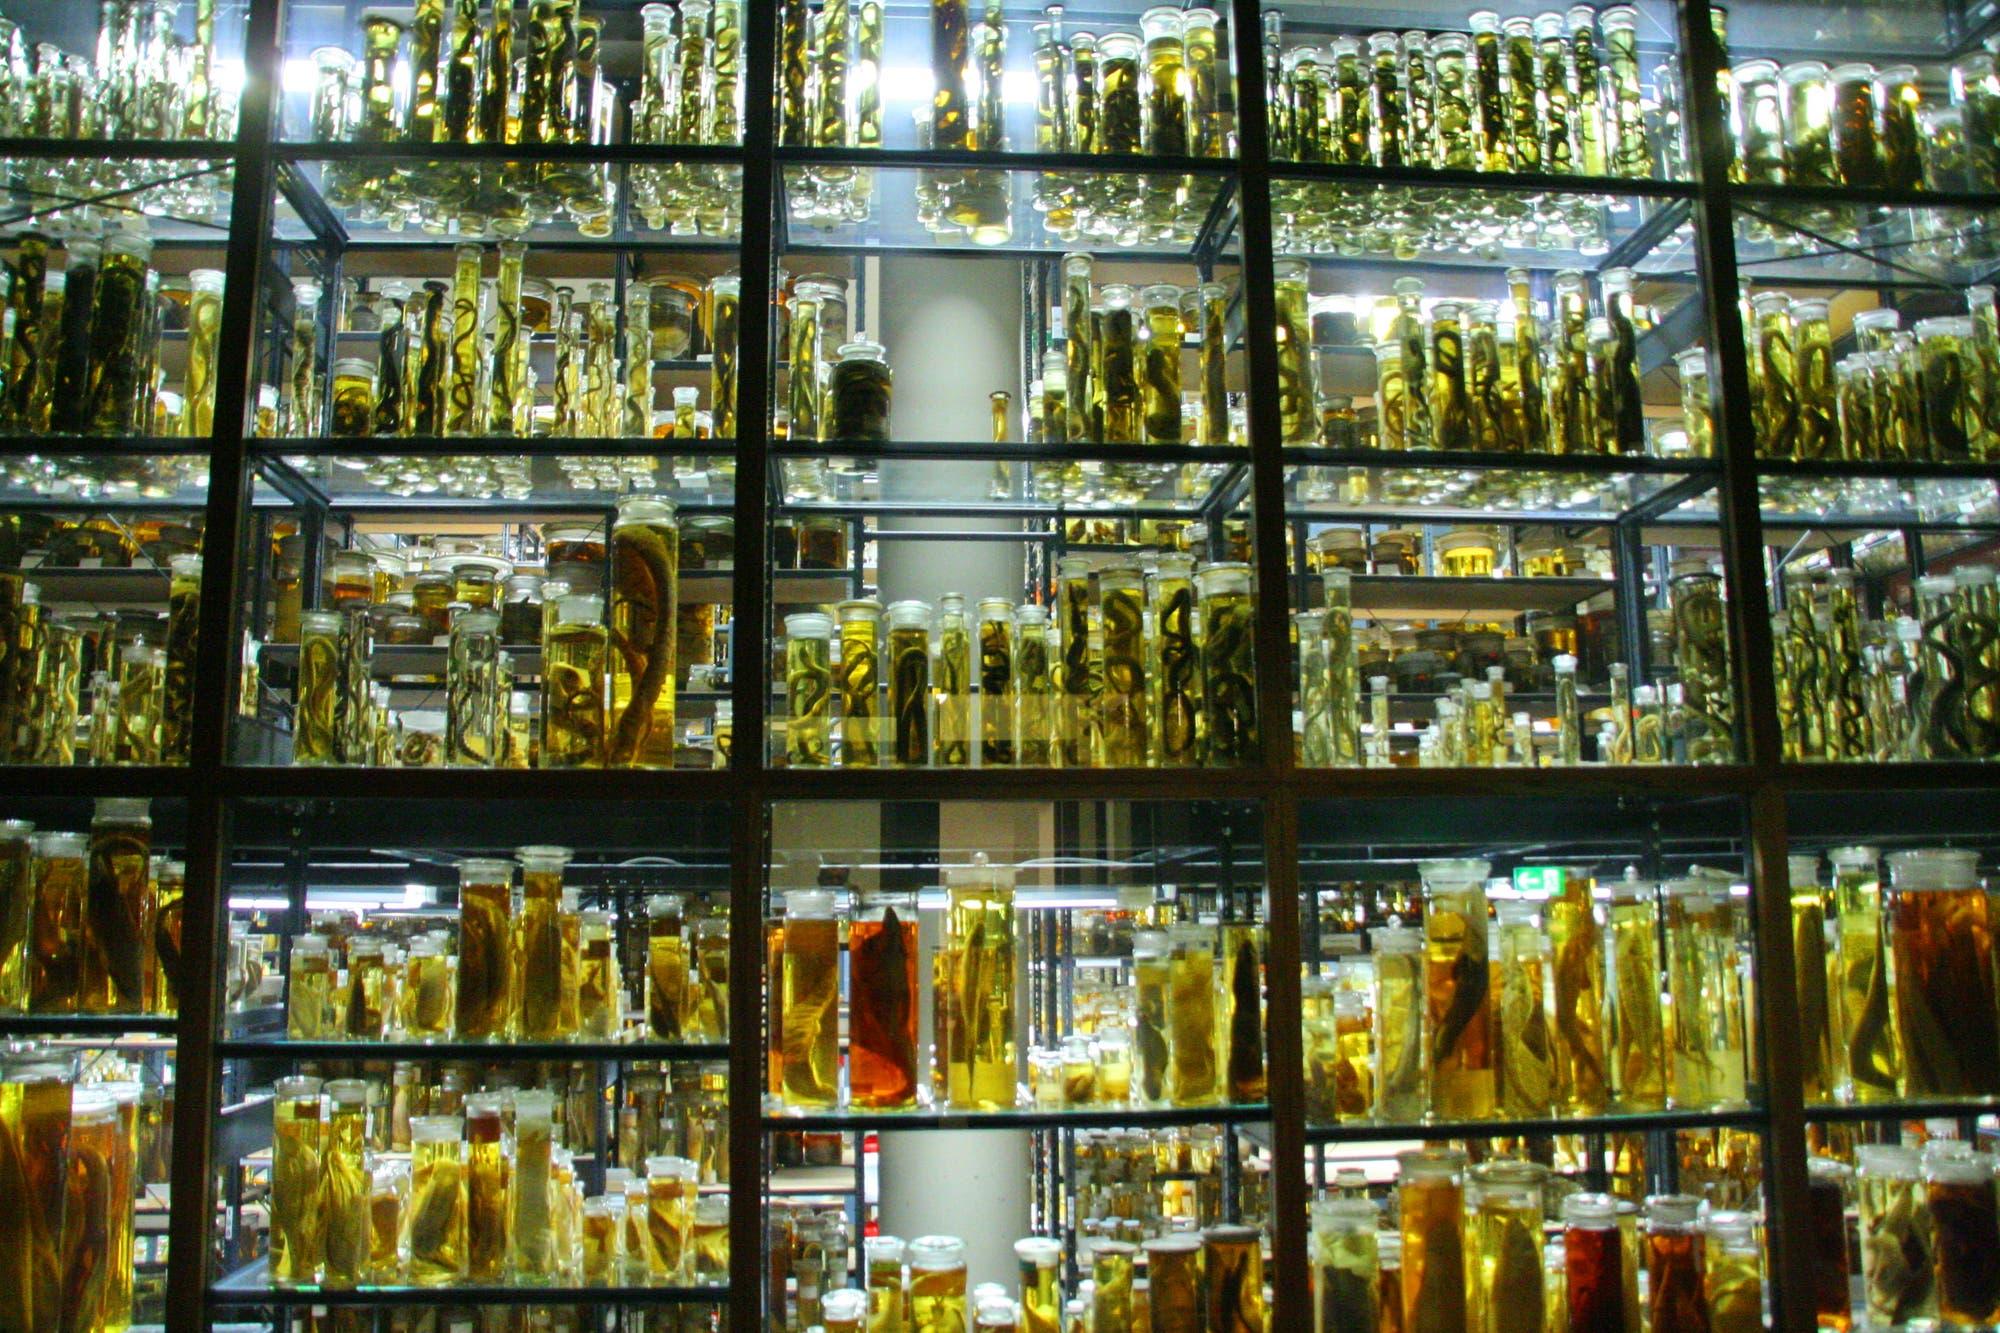 In Museen lagern Millionen Exemplare von Tieren – wie hier in Konservierungsflüssigkeit aufbewahrte Reptilien – und Pflanzen: biologische Archive, die Forscher nutzen, um neue Arten zu beschreiben oder ökologische Veränderungen nachzuverfolgen.